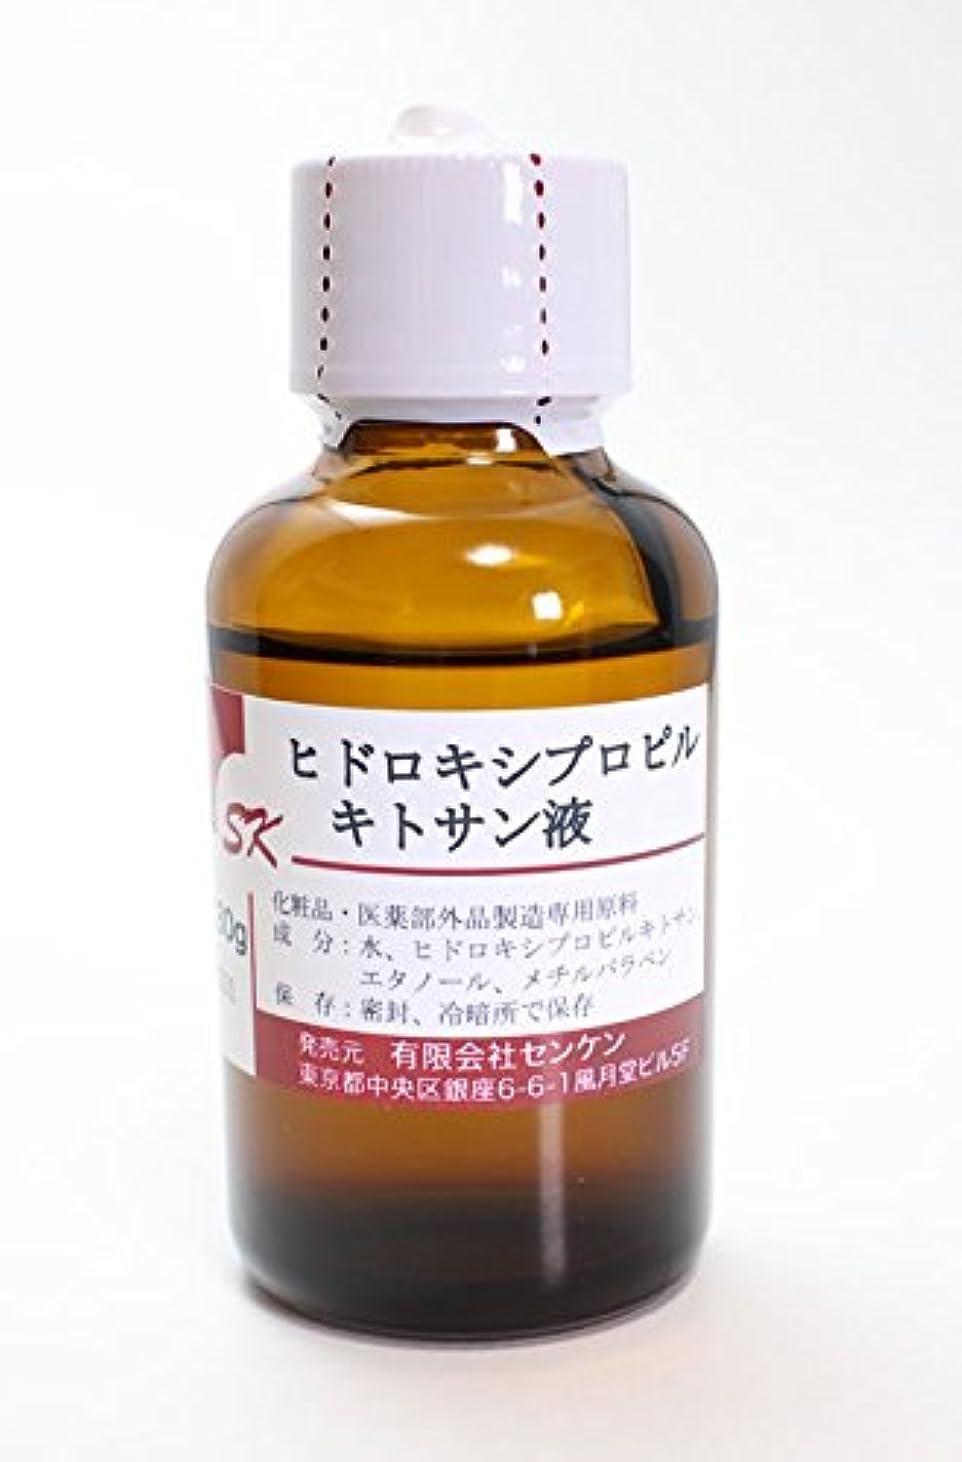 リクルート発行肉屋キトサン液30g